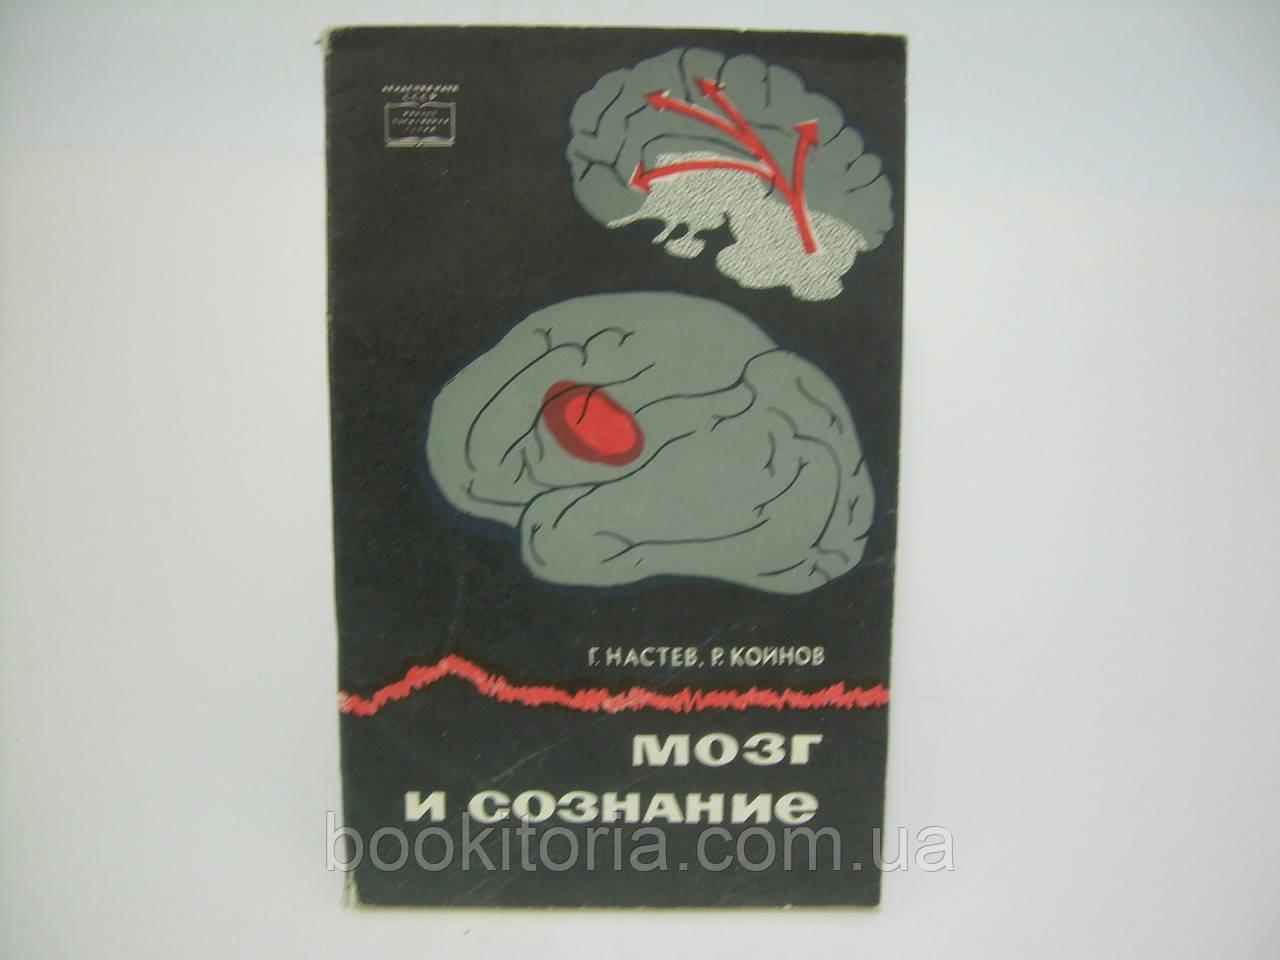 Настев Г., Койнов Р. Мозг и сознание (б/у).